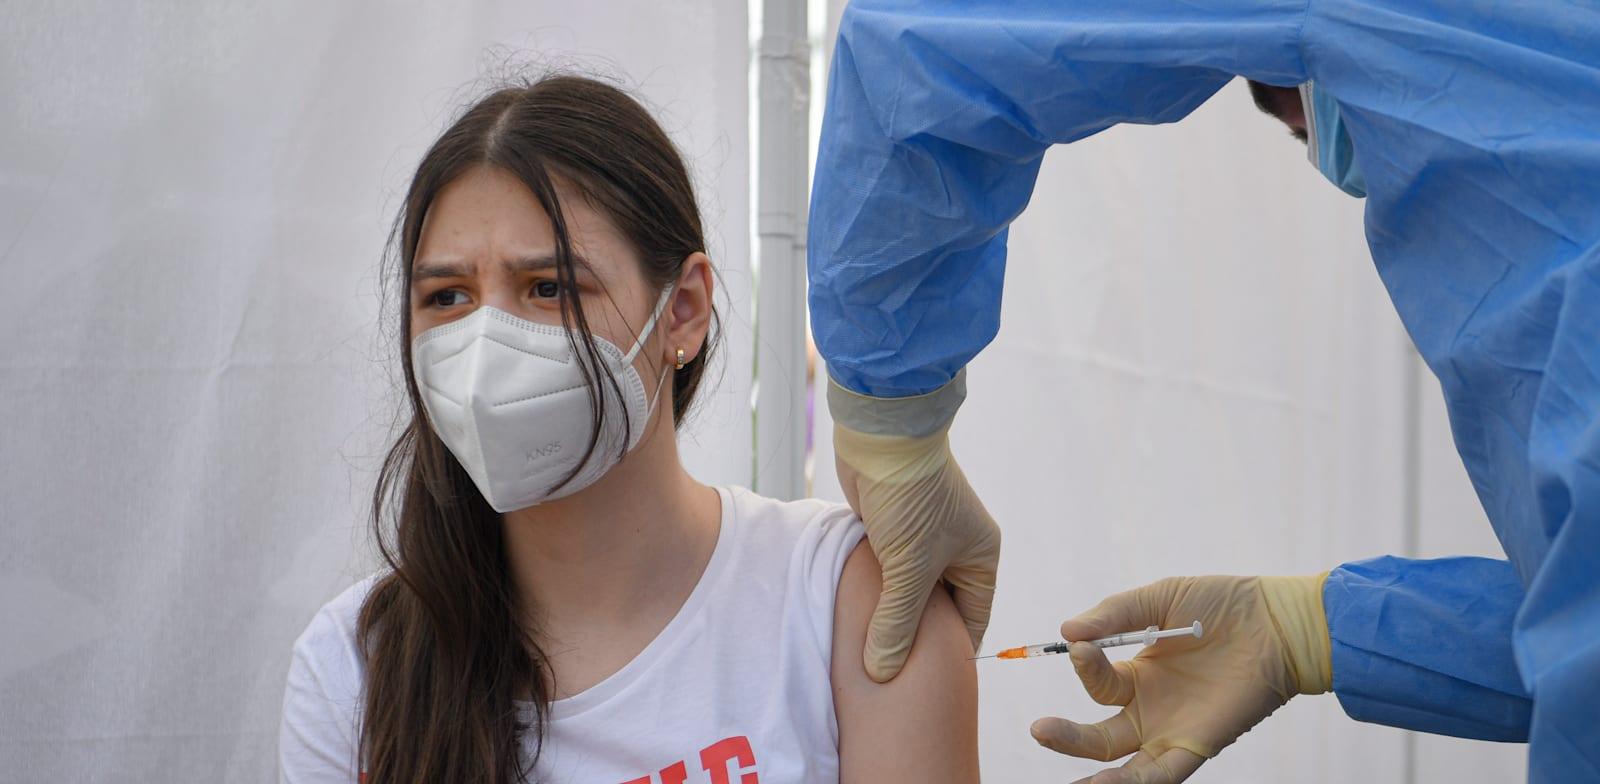 בני נוער מתחסנים / צילום: Associated Press, Andreea Alexandru